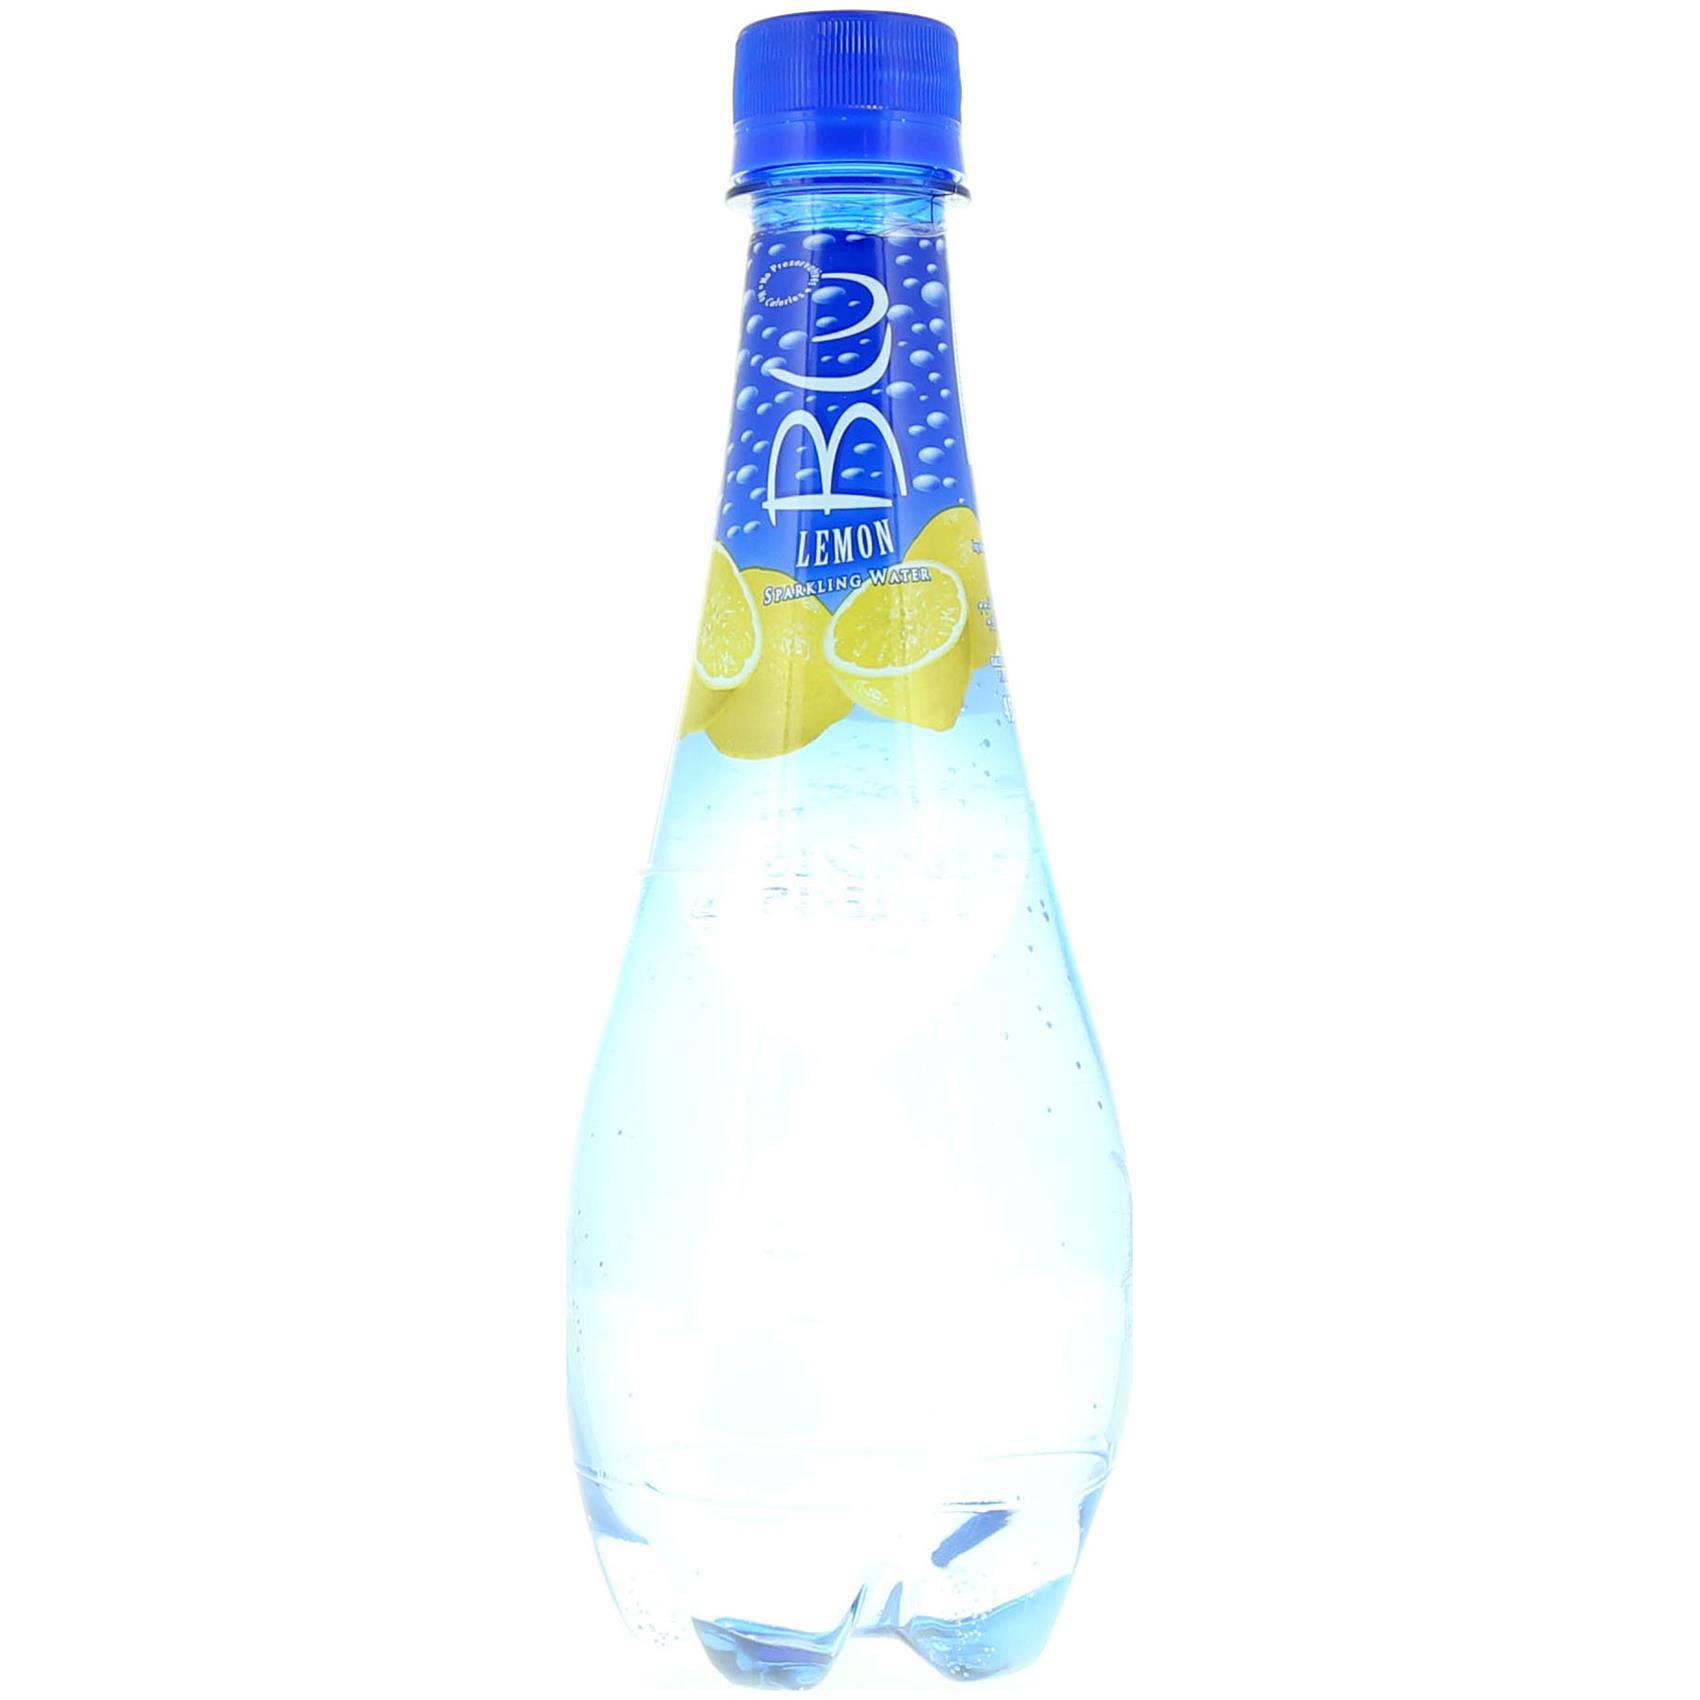 OASIS BLU SPARK WATER LEMON 450ML